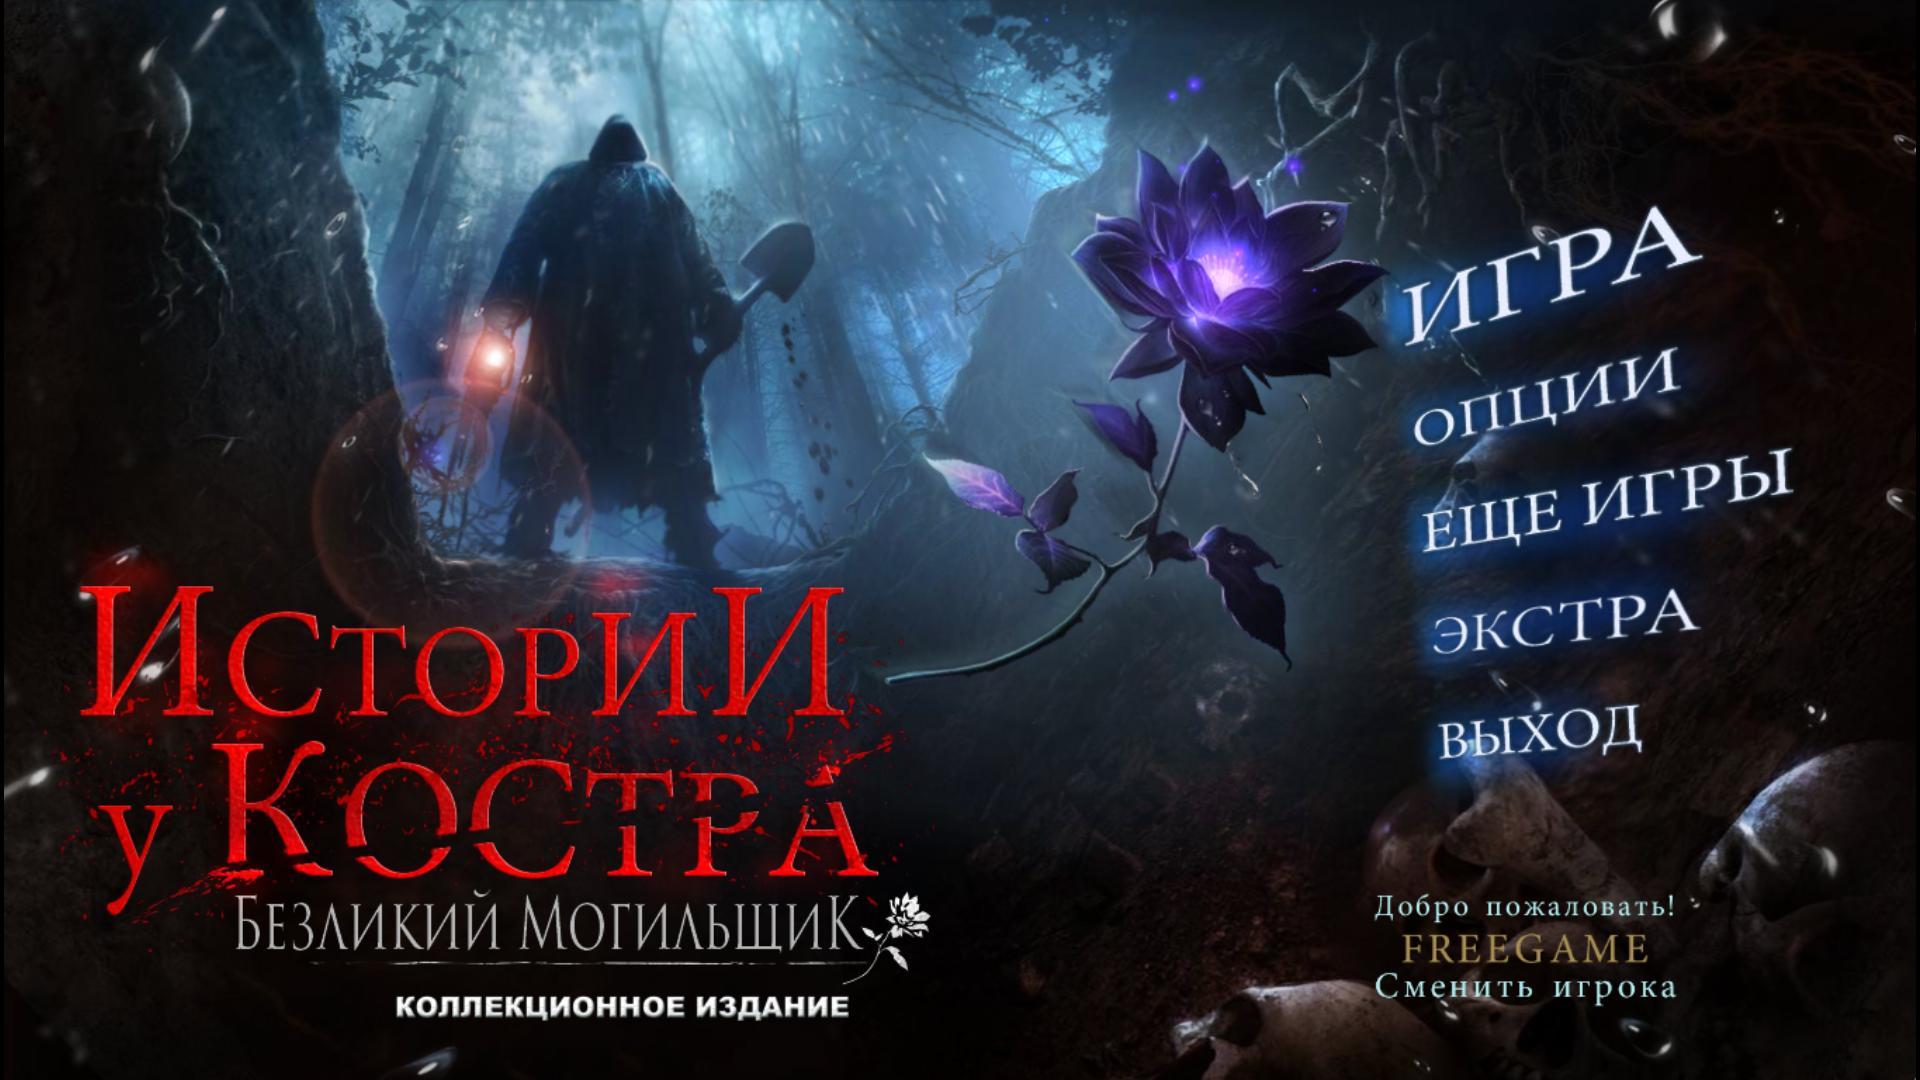 Истории у костра: Безликий могильщик. Коллекционное издание | Bonfire Stories: The Faceless Gravedigger CE (Rus)